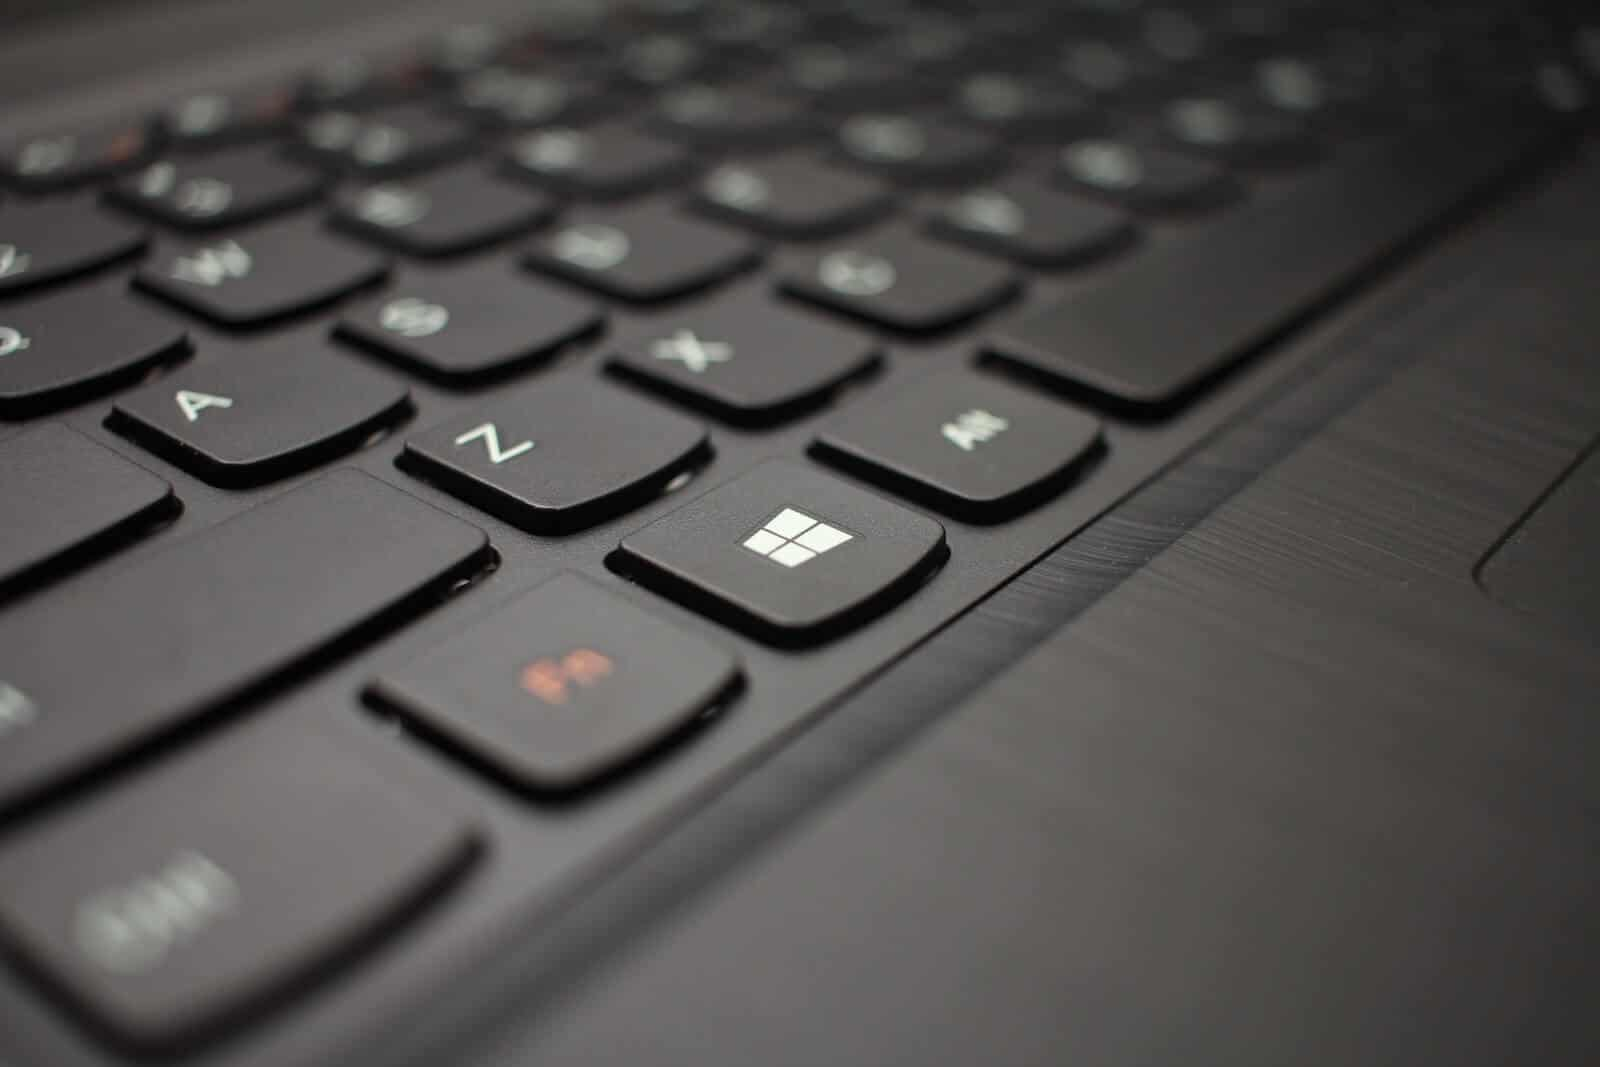 tipos de teclado estandar